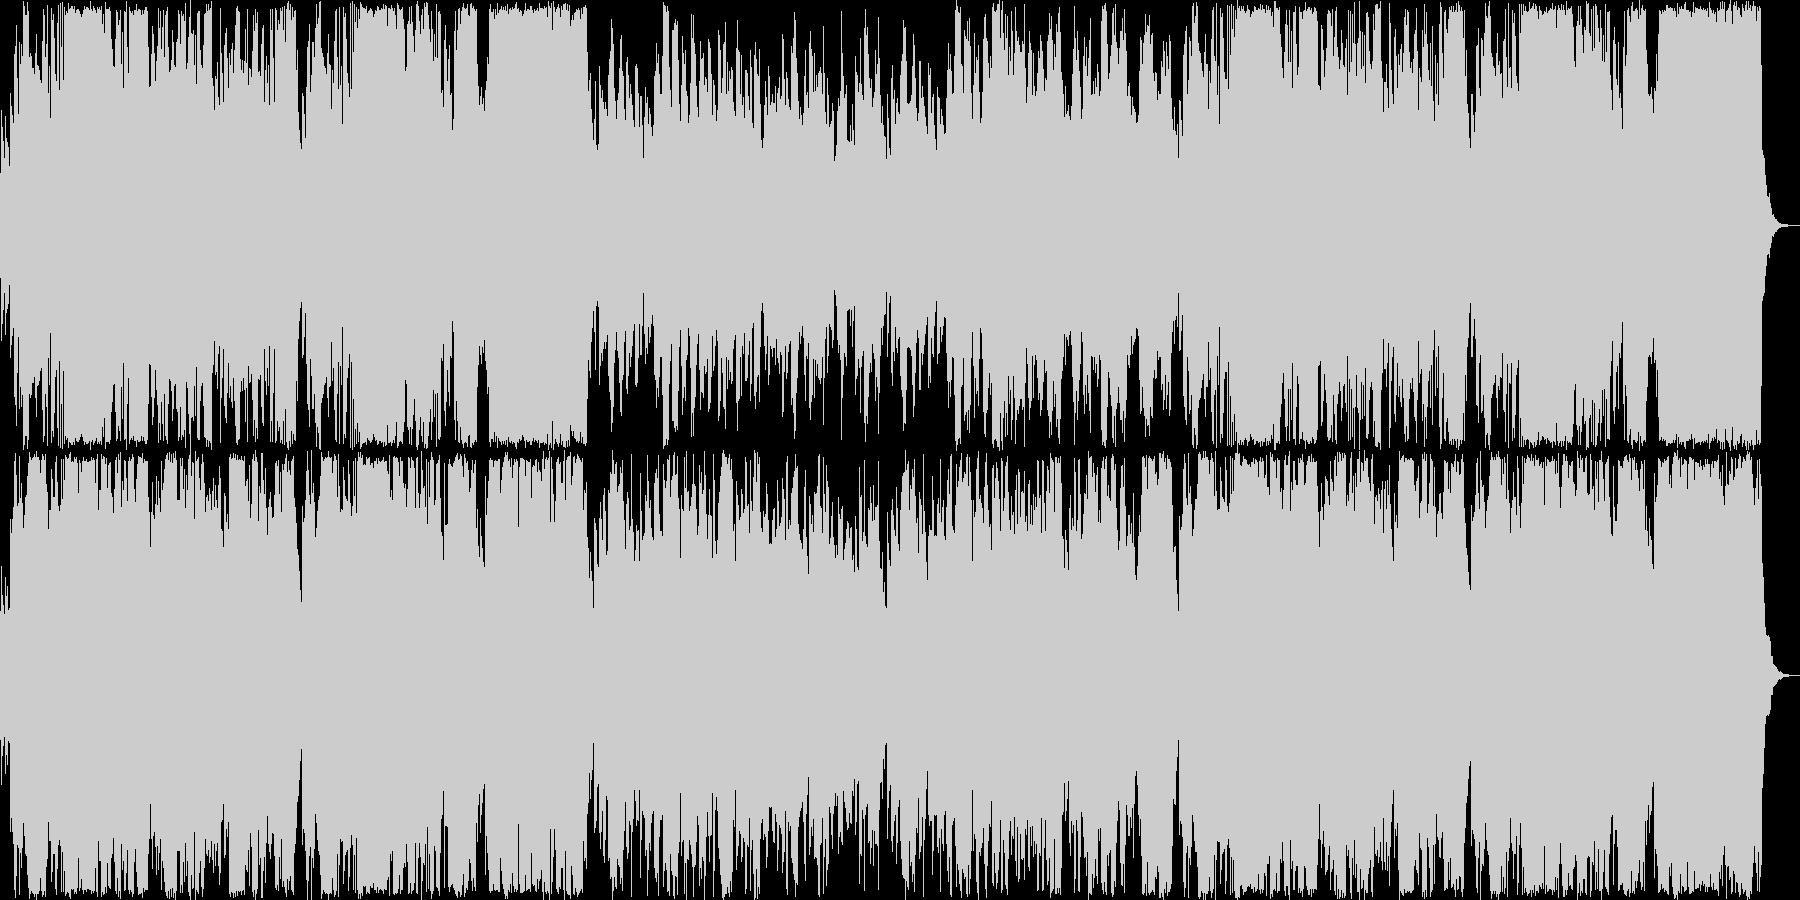 透き通るリラクゼーションミュージックの未再生の波形